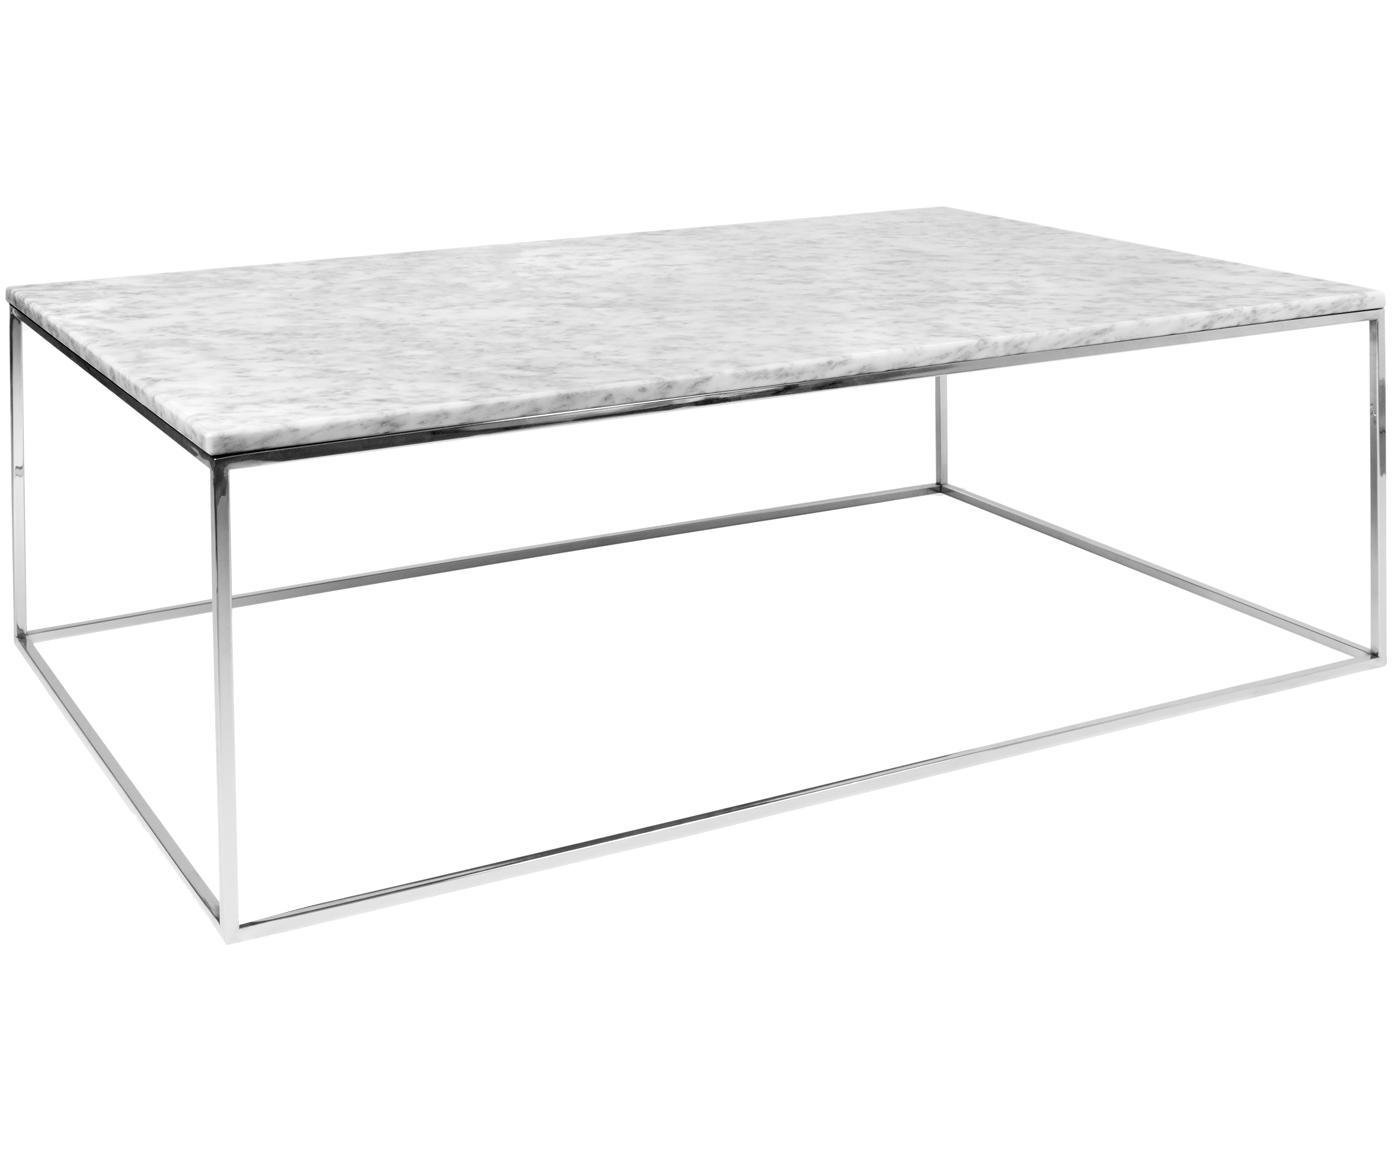 Tavolino da salotto in marmo Gleam, Piano d'appoggio: marmo, Struttura: acciaio cromato, Piano d'appoggio: bianco, marmo Struttura: cromo, Larg. 120 x Alt. 40 cm